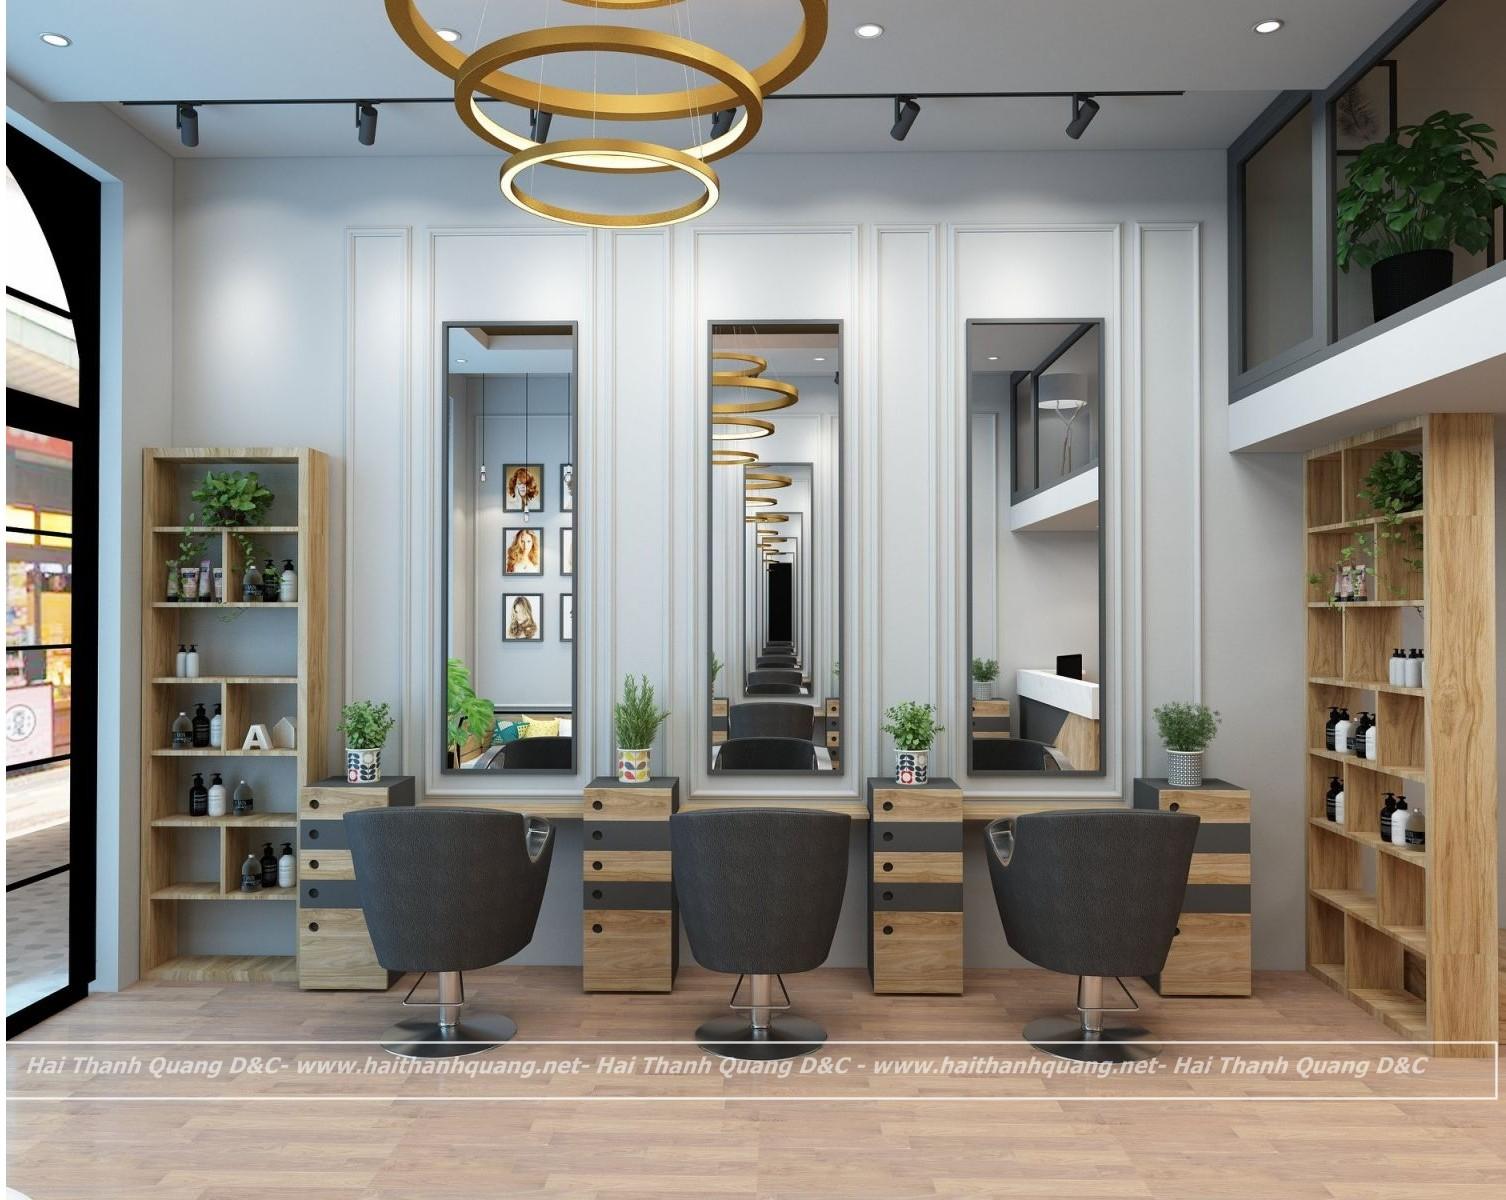 Thiết Kế Thi Công Salon Tóc Ở Quy Nhơn HTQ001